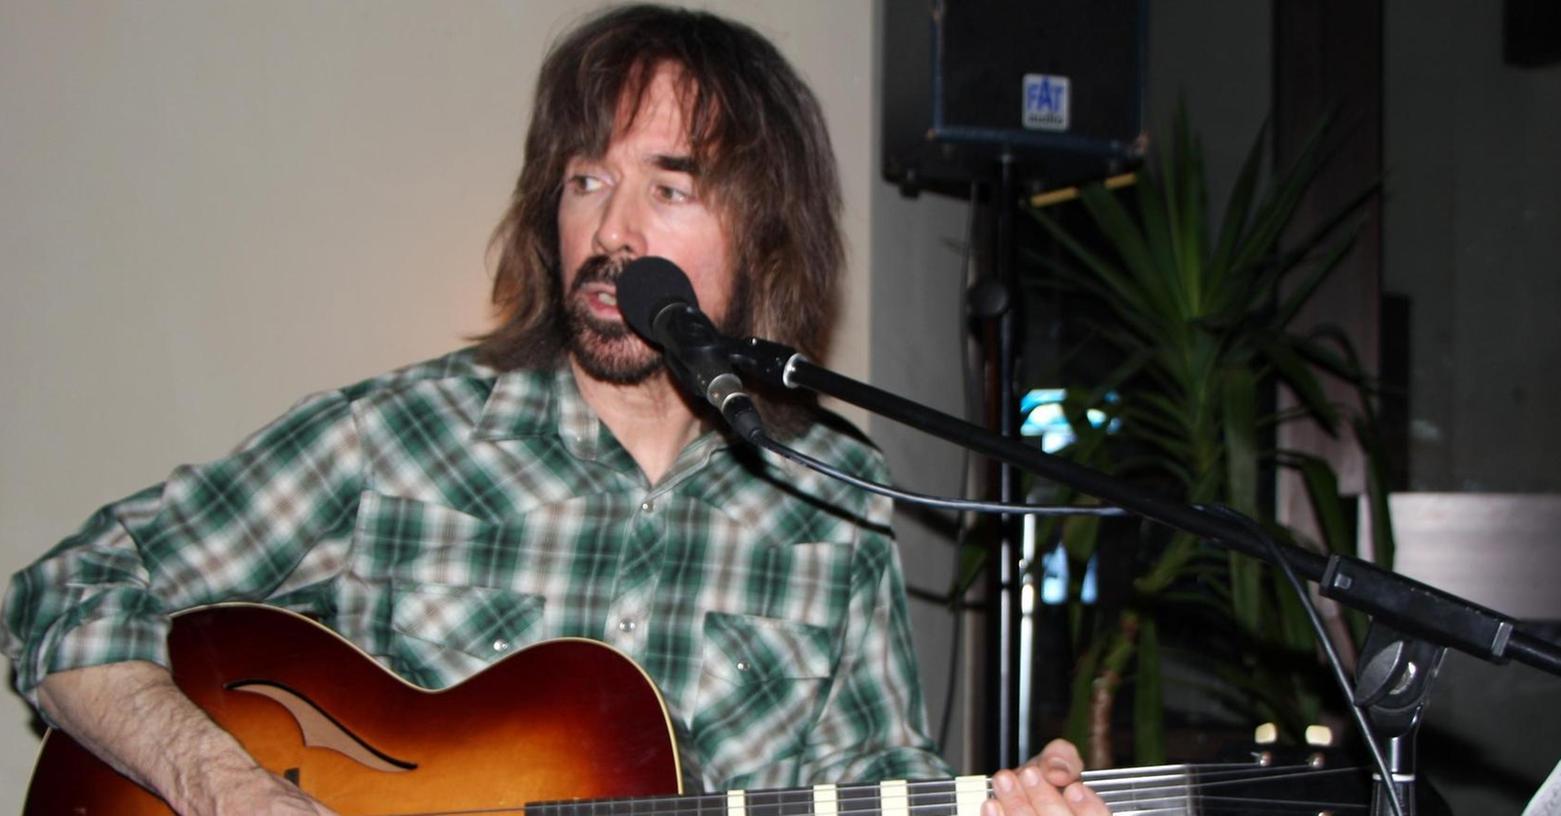 Gitarrist Robert Garson verzauberte zusammen . . .